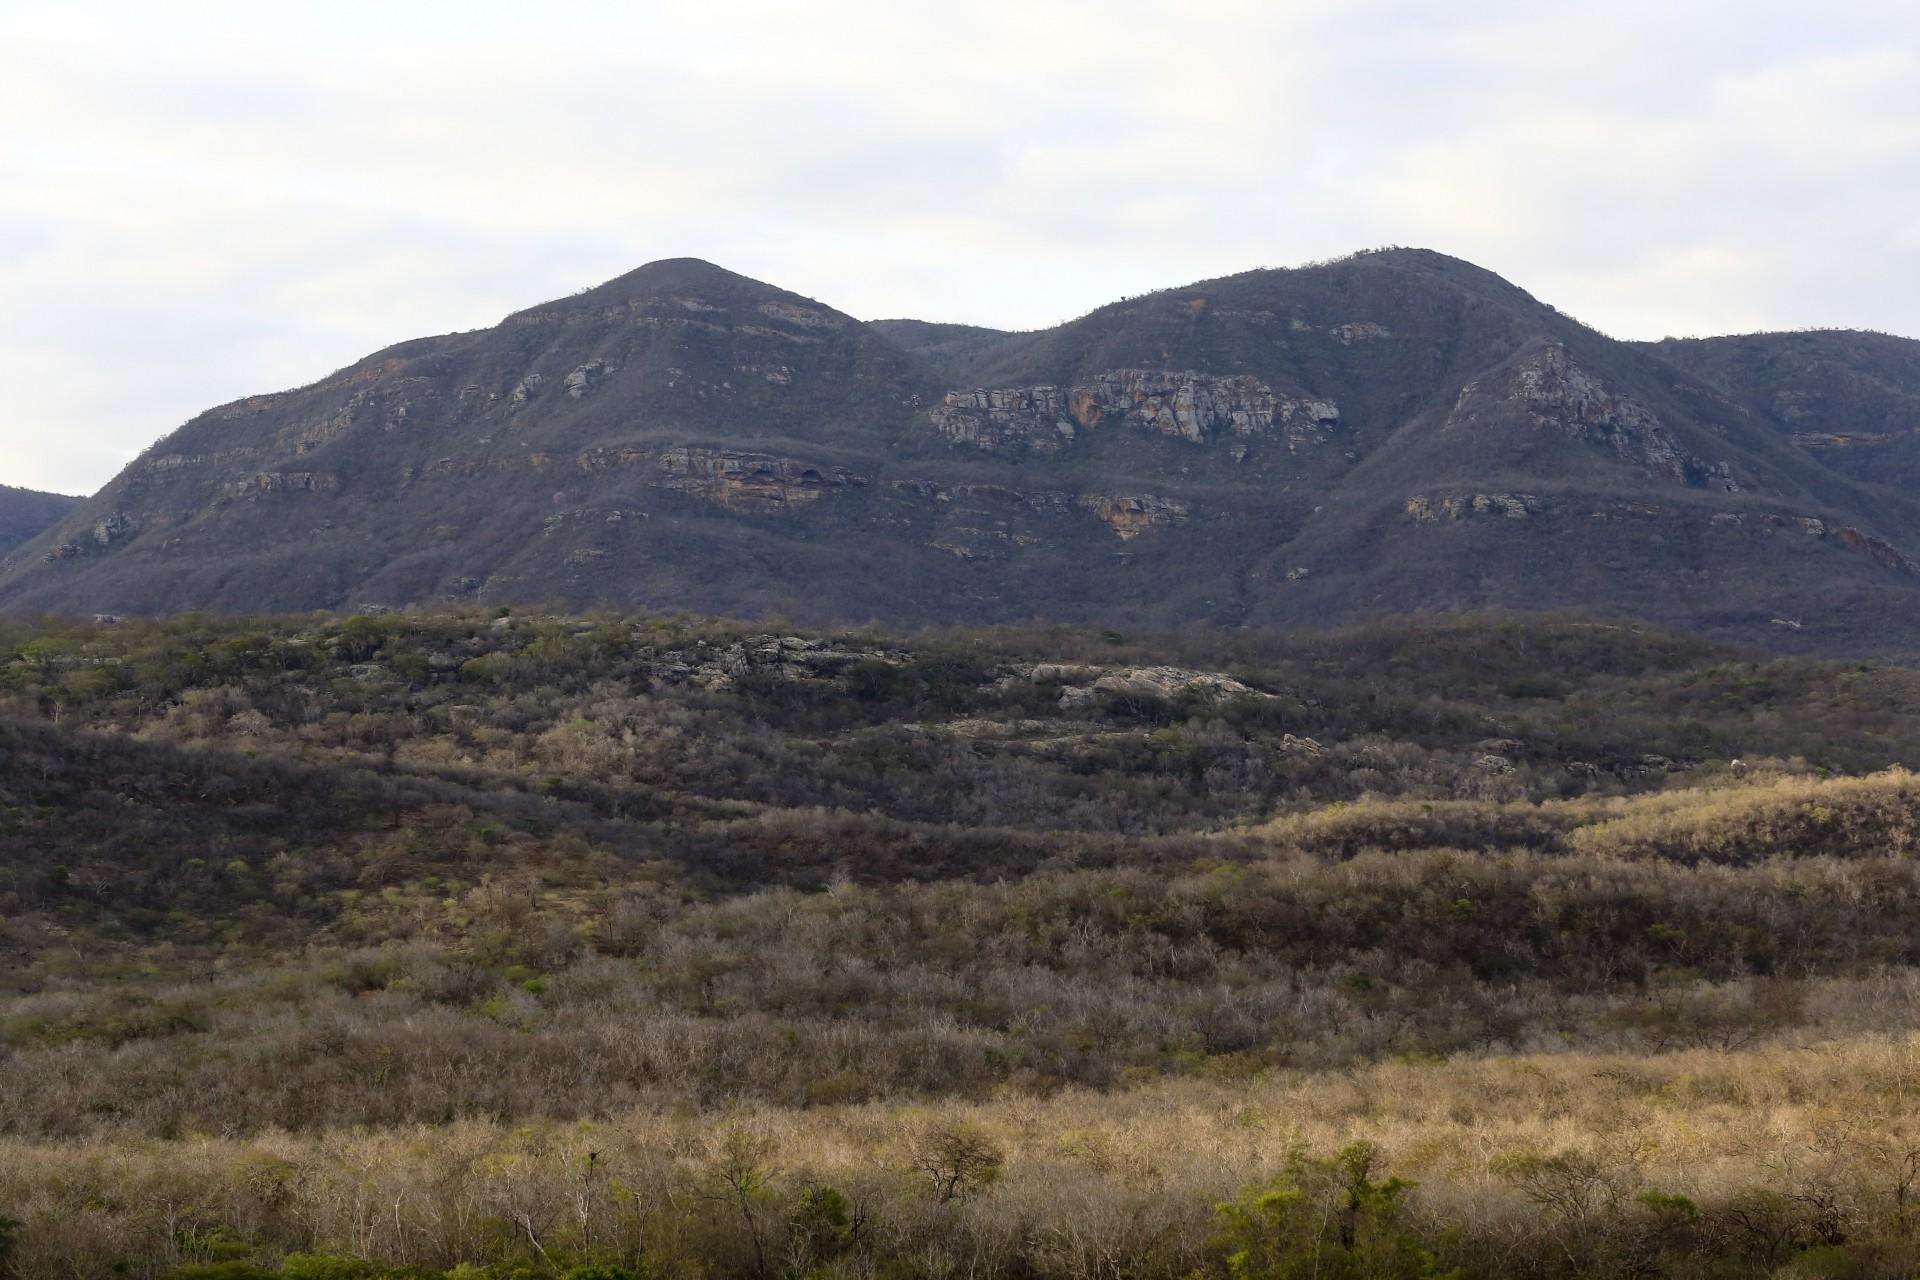 (Foto: O POVO)SANTA QUITÉRIA, CE, BRASIL, 20-07-2015: Vista da vegetação seca e serra de Santa Quitéria. Mina de urânio (minério) em Santa Quitéria. (Foto: Fábio Lima/O POVO)